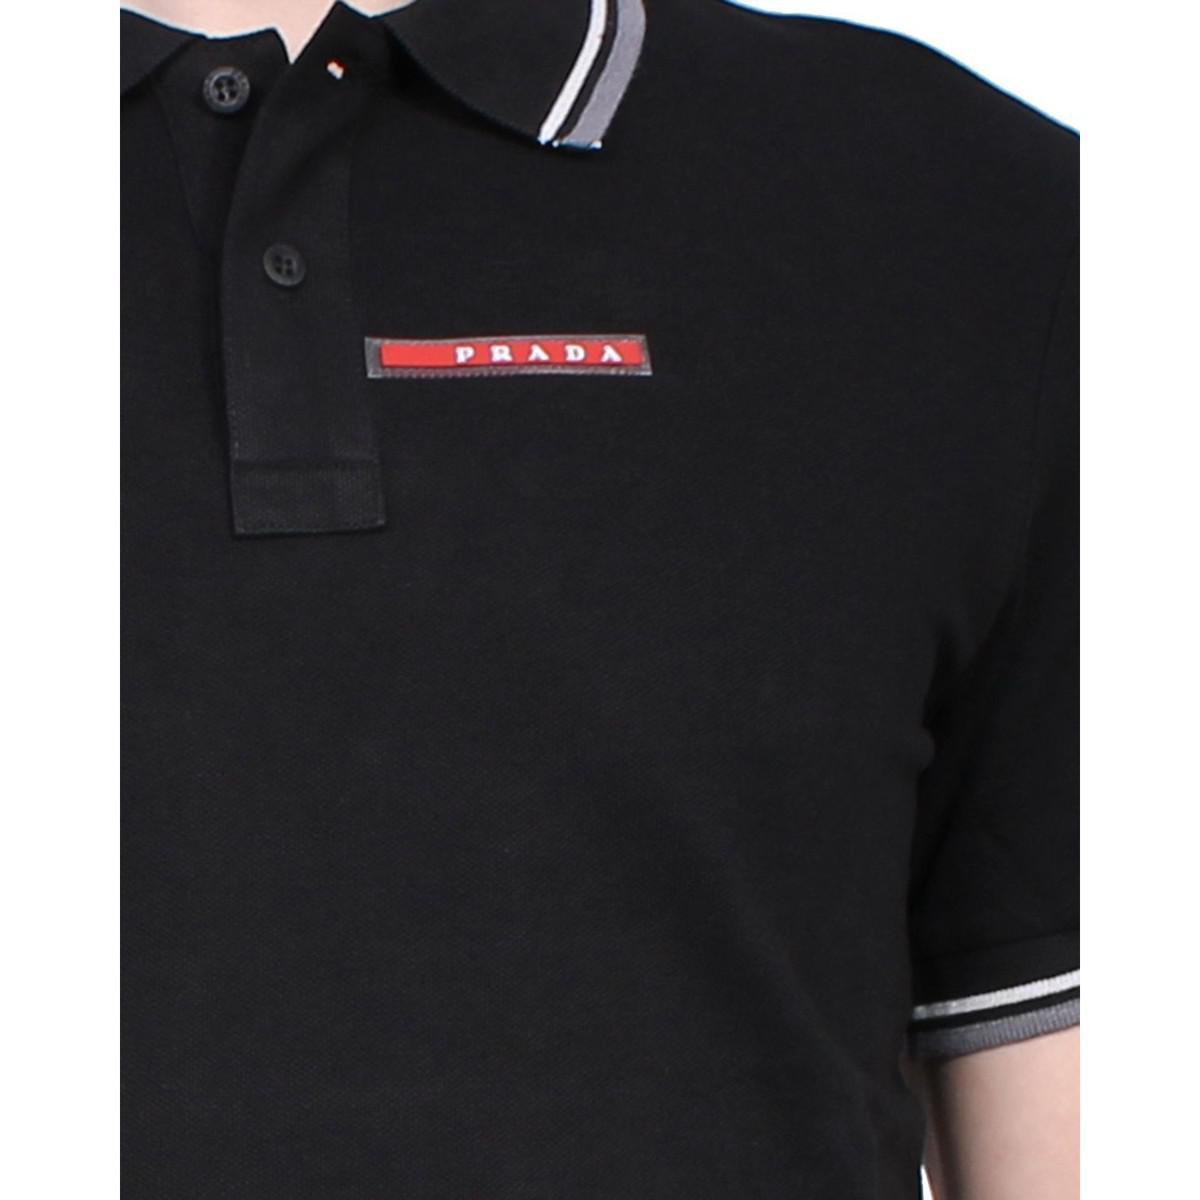 5cb7ac32 Prada - Slim Fit Men's Polo Sjj887 Men's Polo Shirt In Black in ...